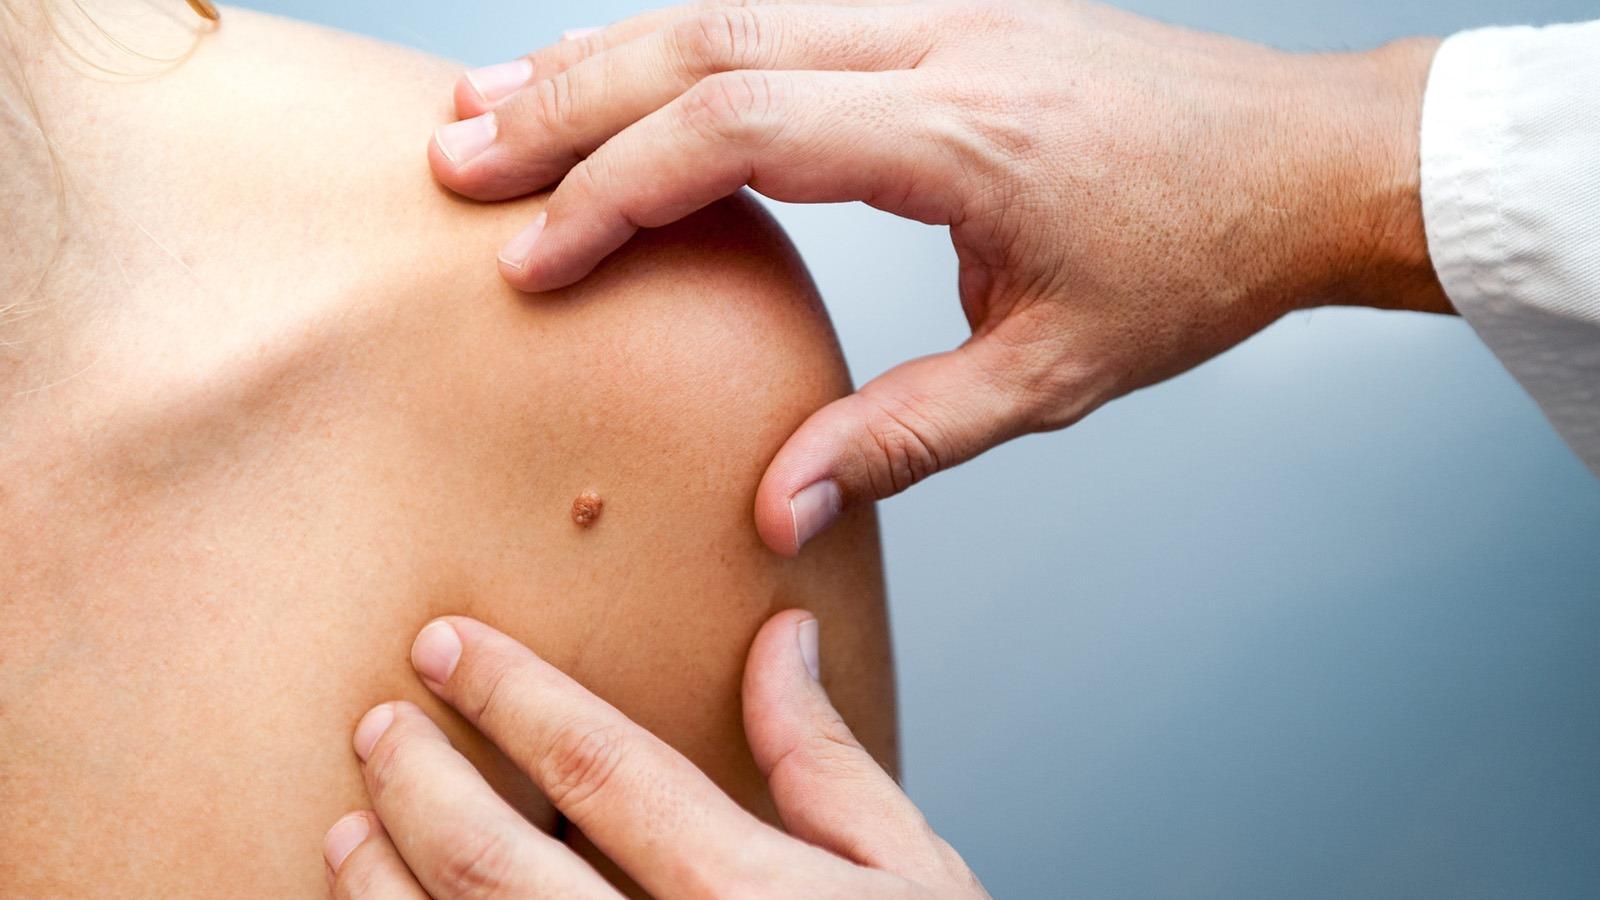 helmint kezelés definíciója humán papillomavírus urethritis